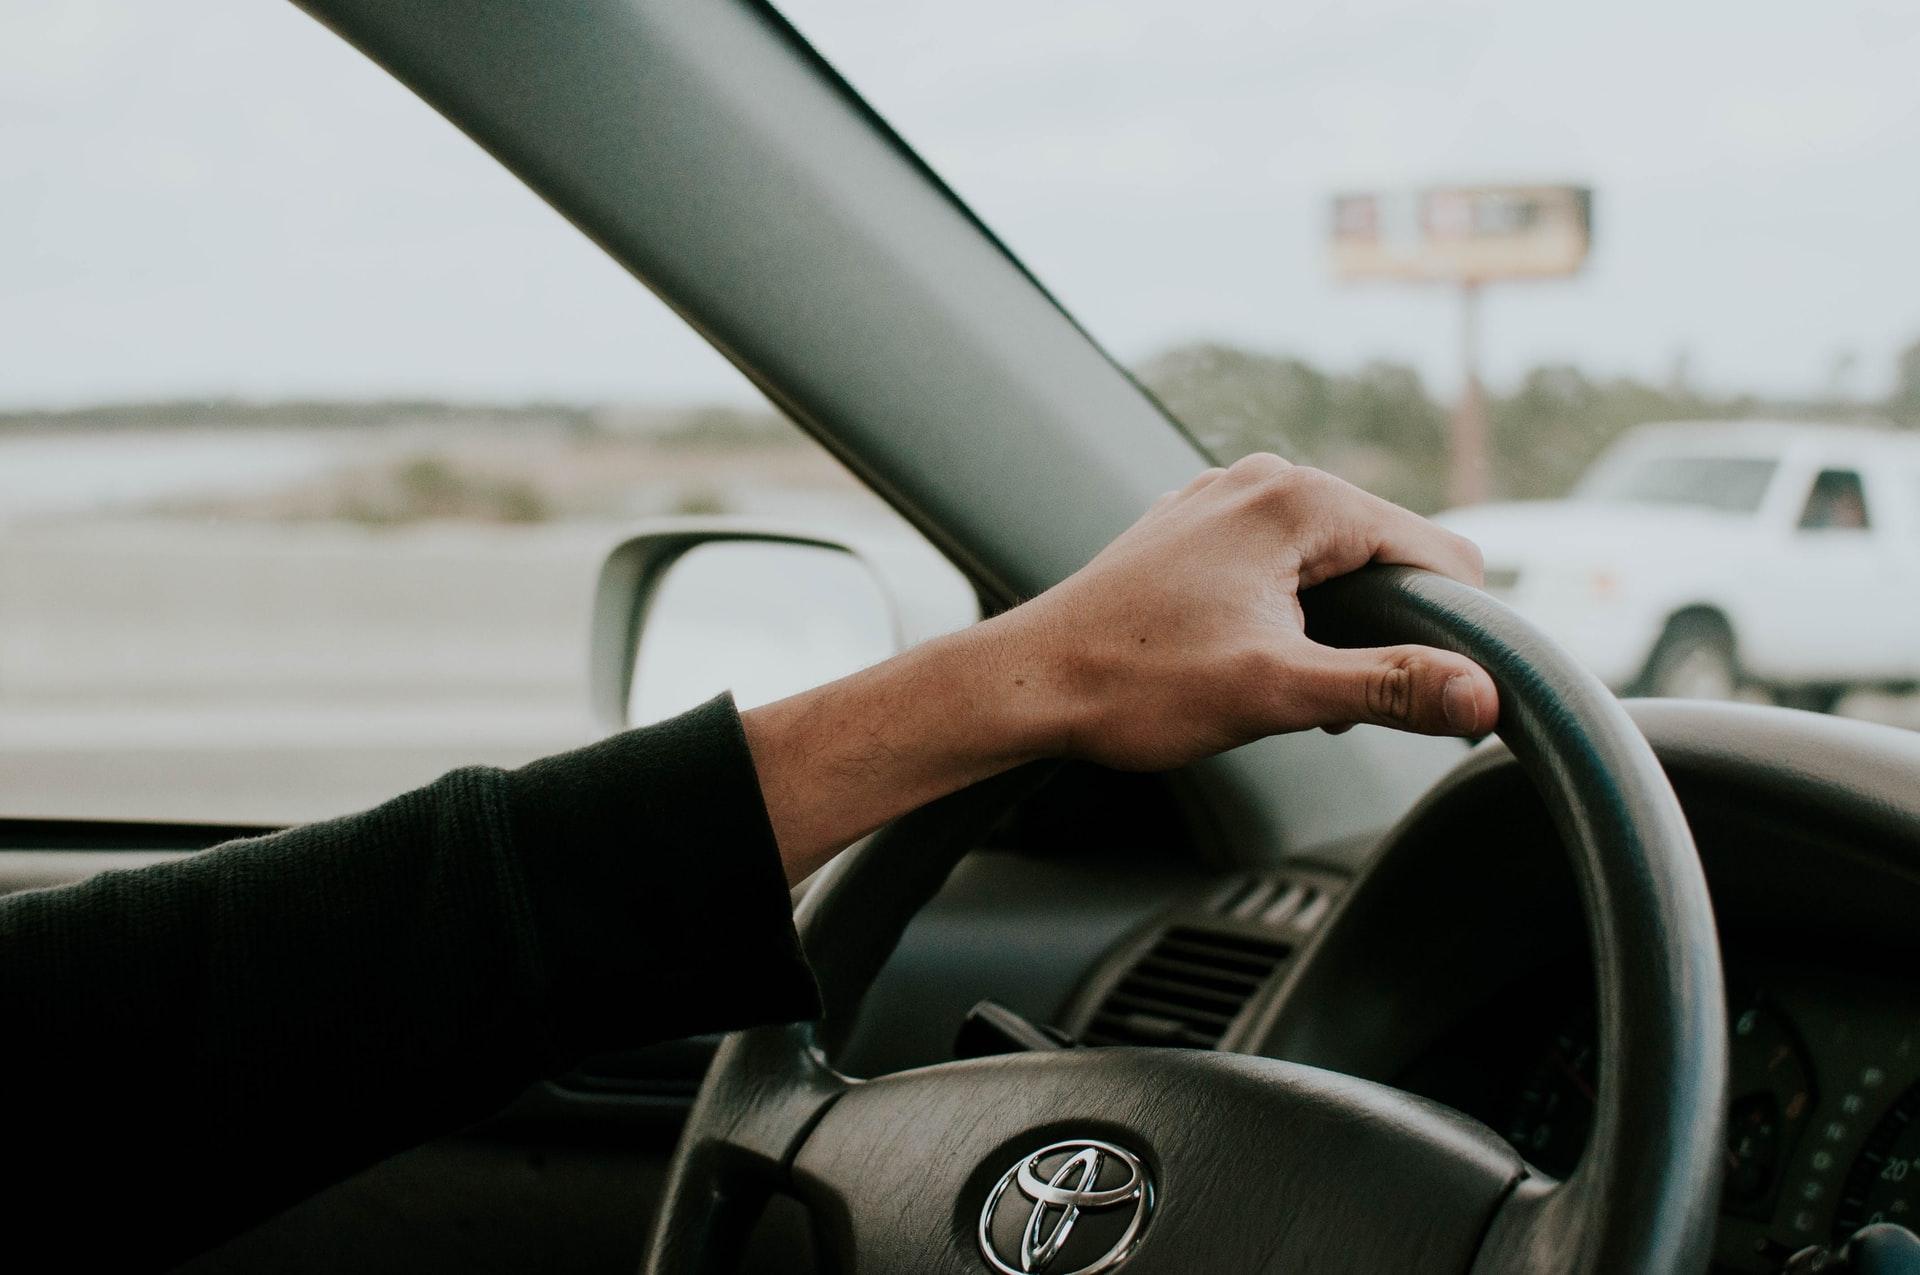 Chi guida non beve! I rischi connessi alla guida in stato di ebbrezza e il progetto PES